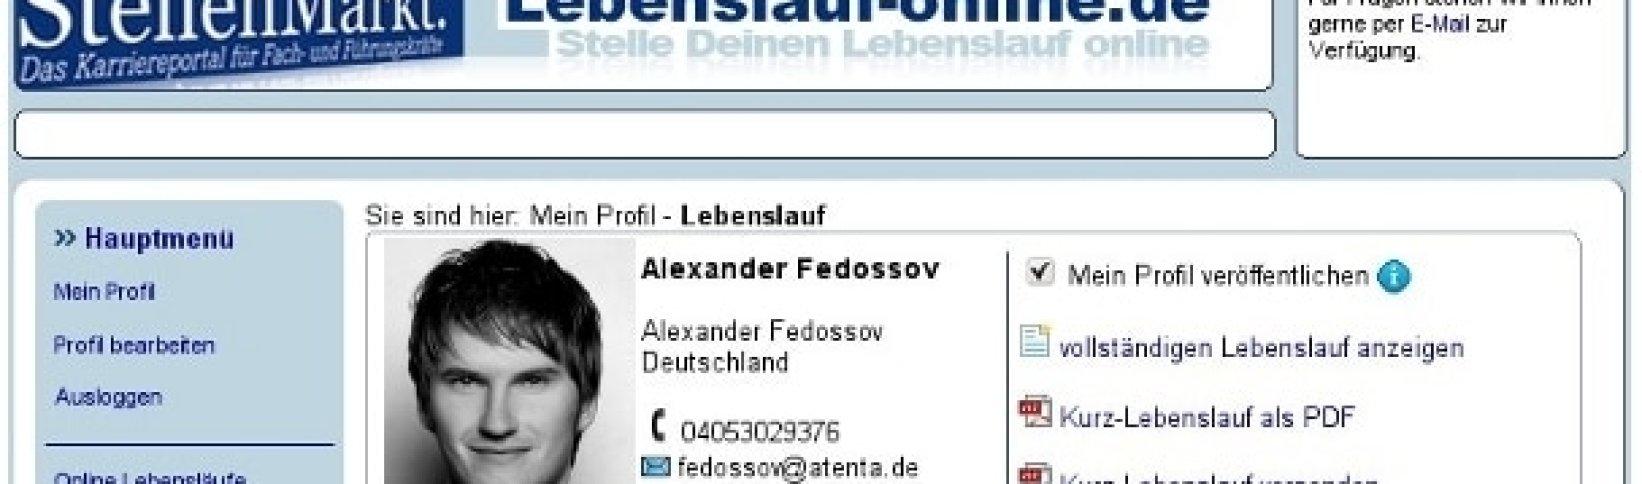 Online-Lebenslauf mit Lebenslauf-Online.de